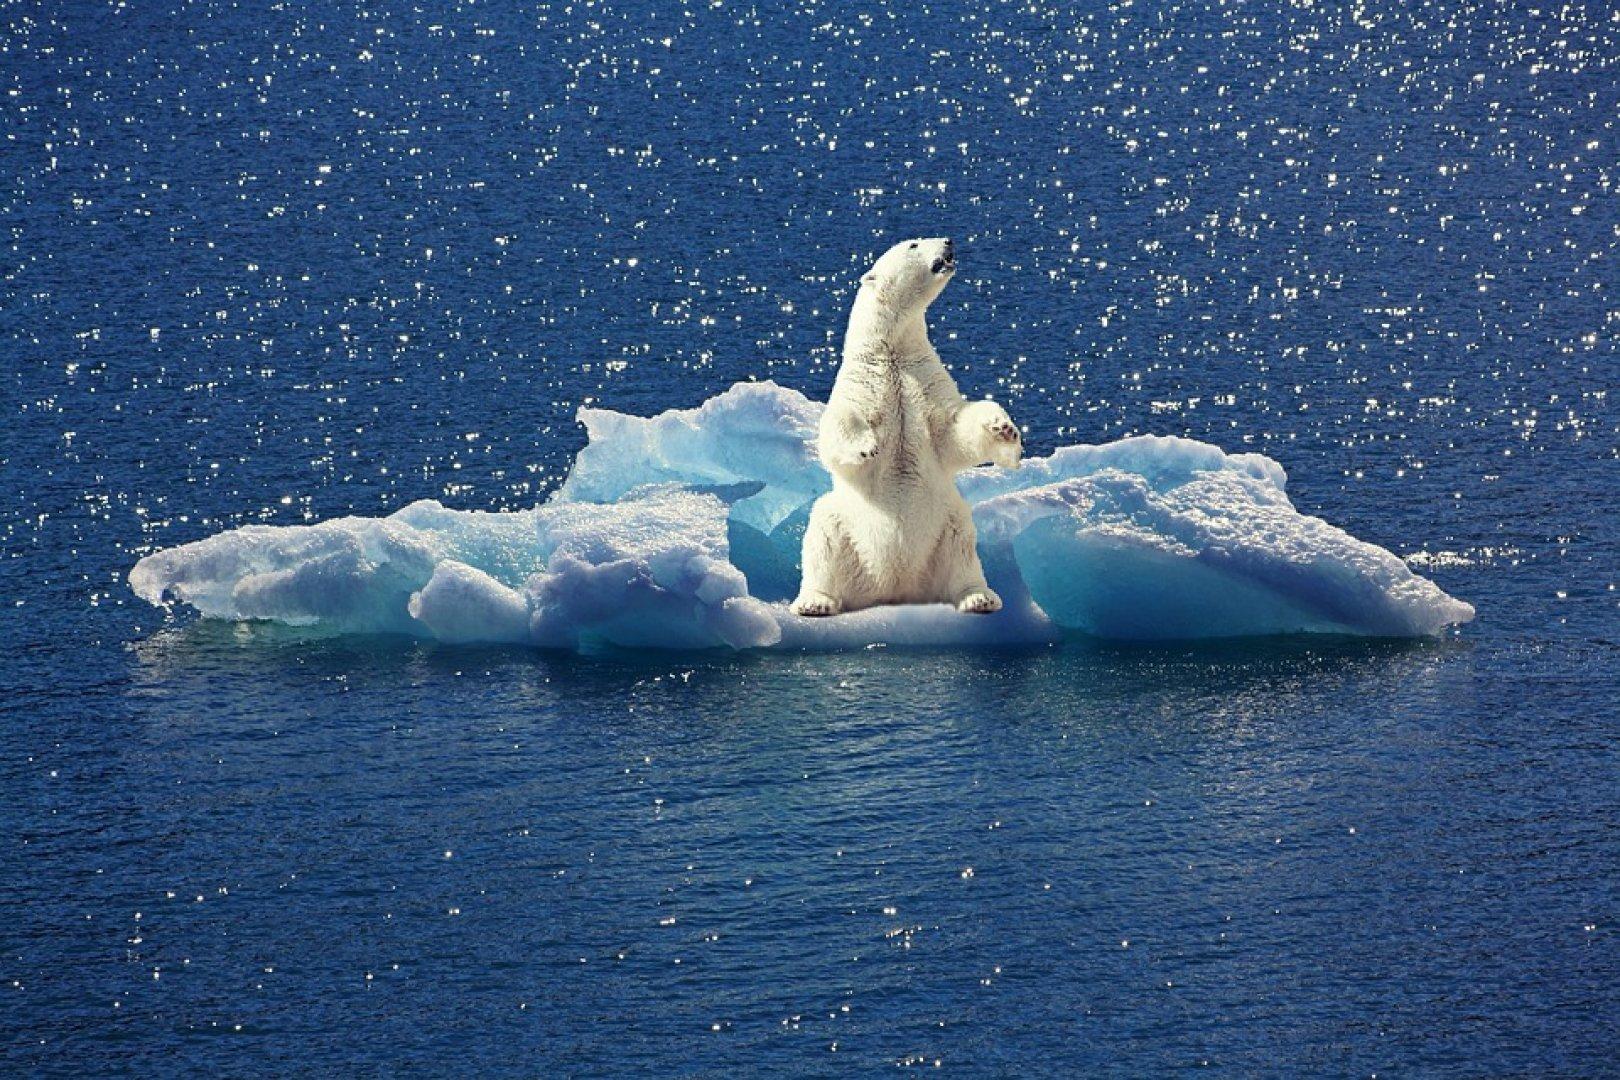 Белые медведи вынуждены охотиться на мышей из-за отсутствия льда